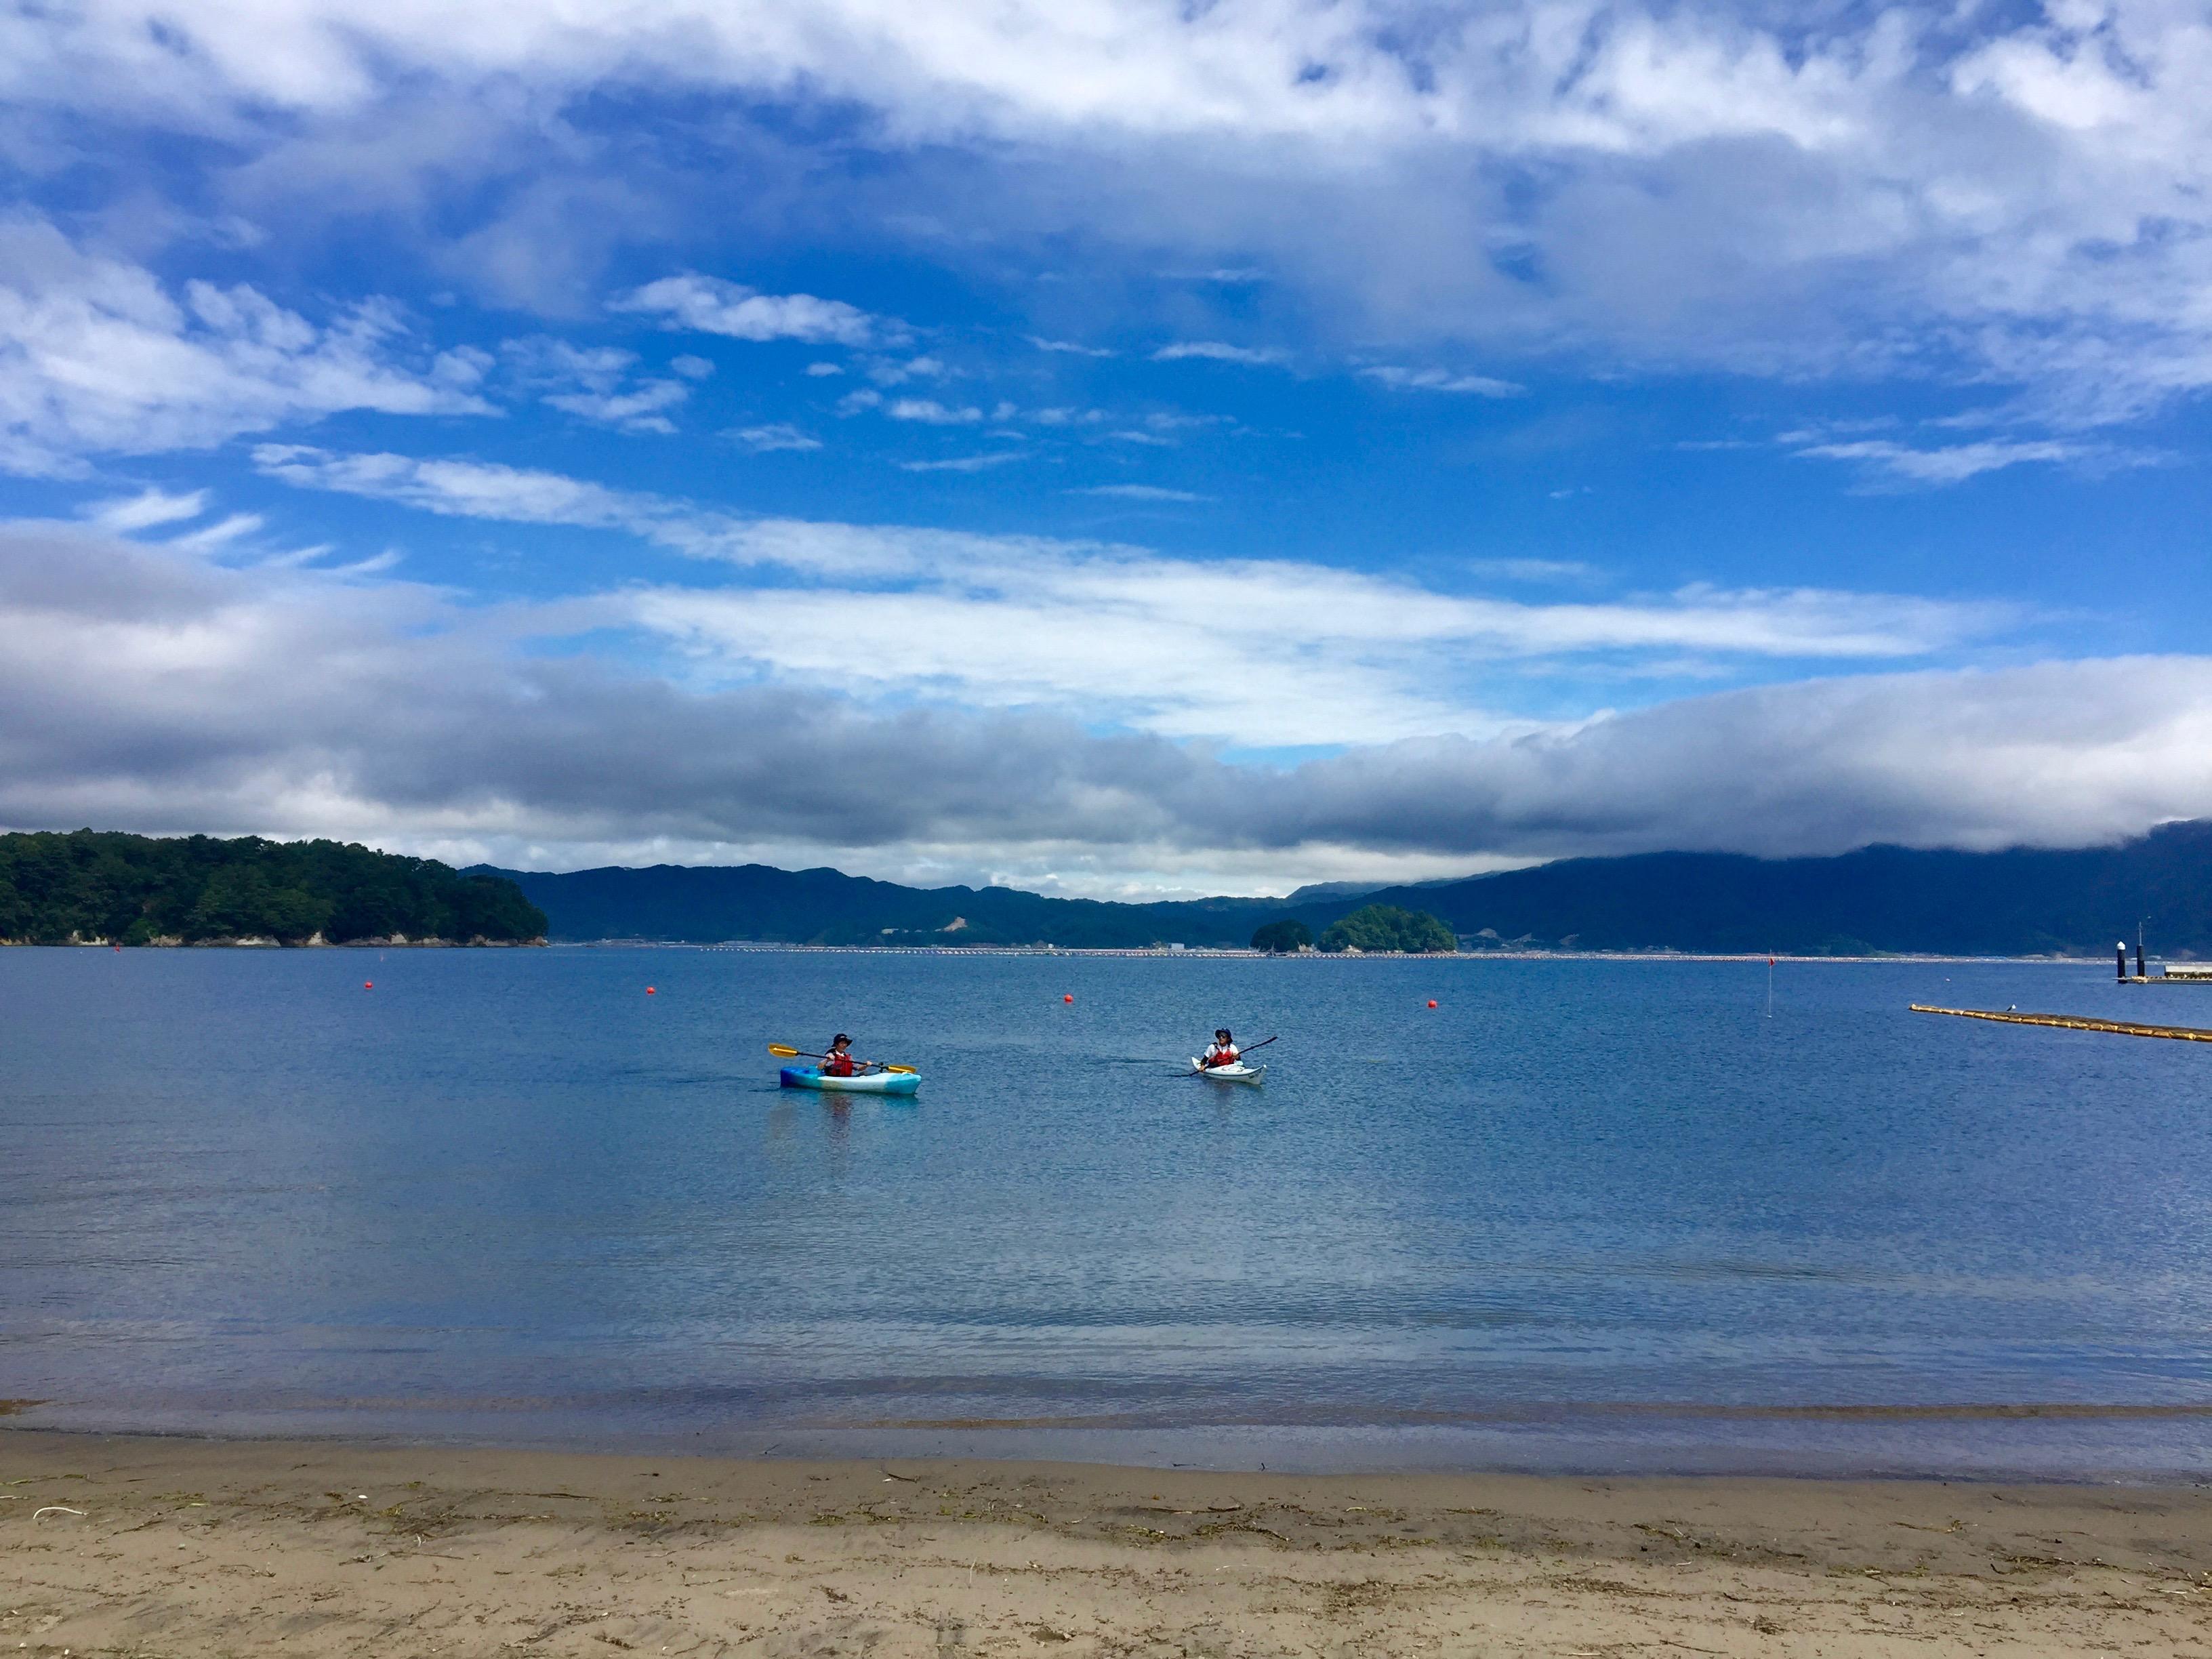 8月の4日間限定 山田湾で夏の思い出! シーカヤックで海上散歩体験